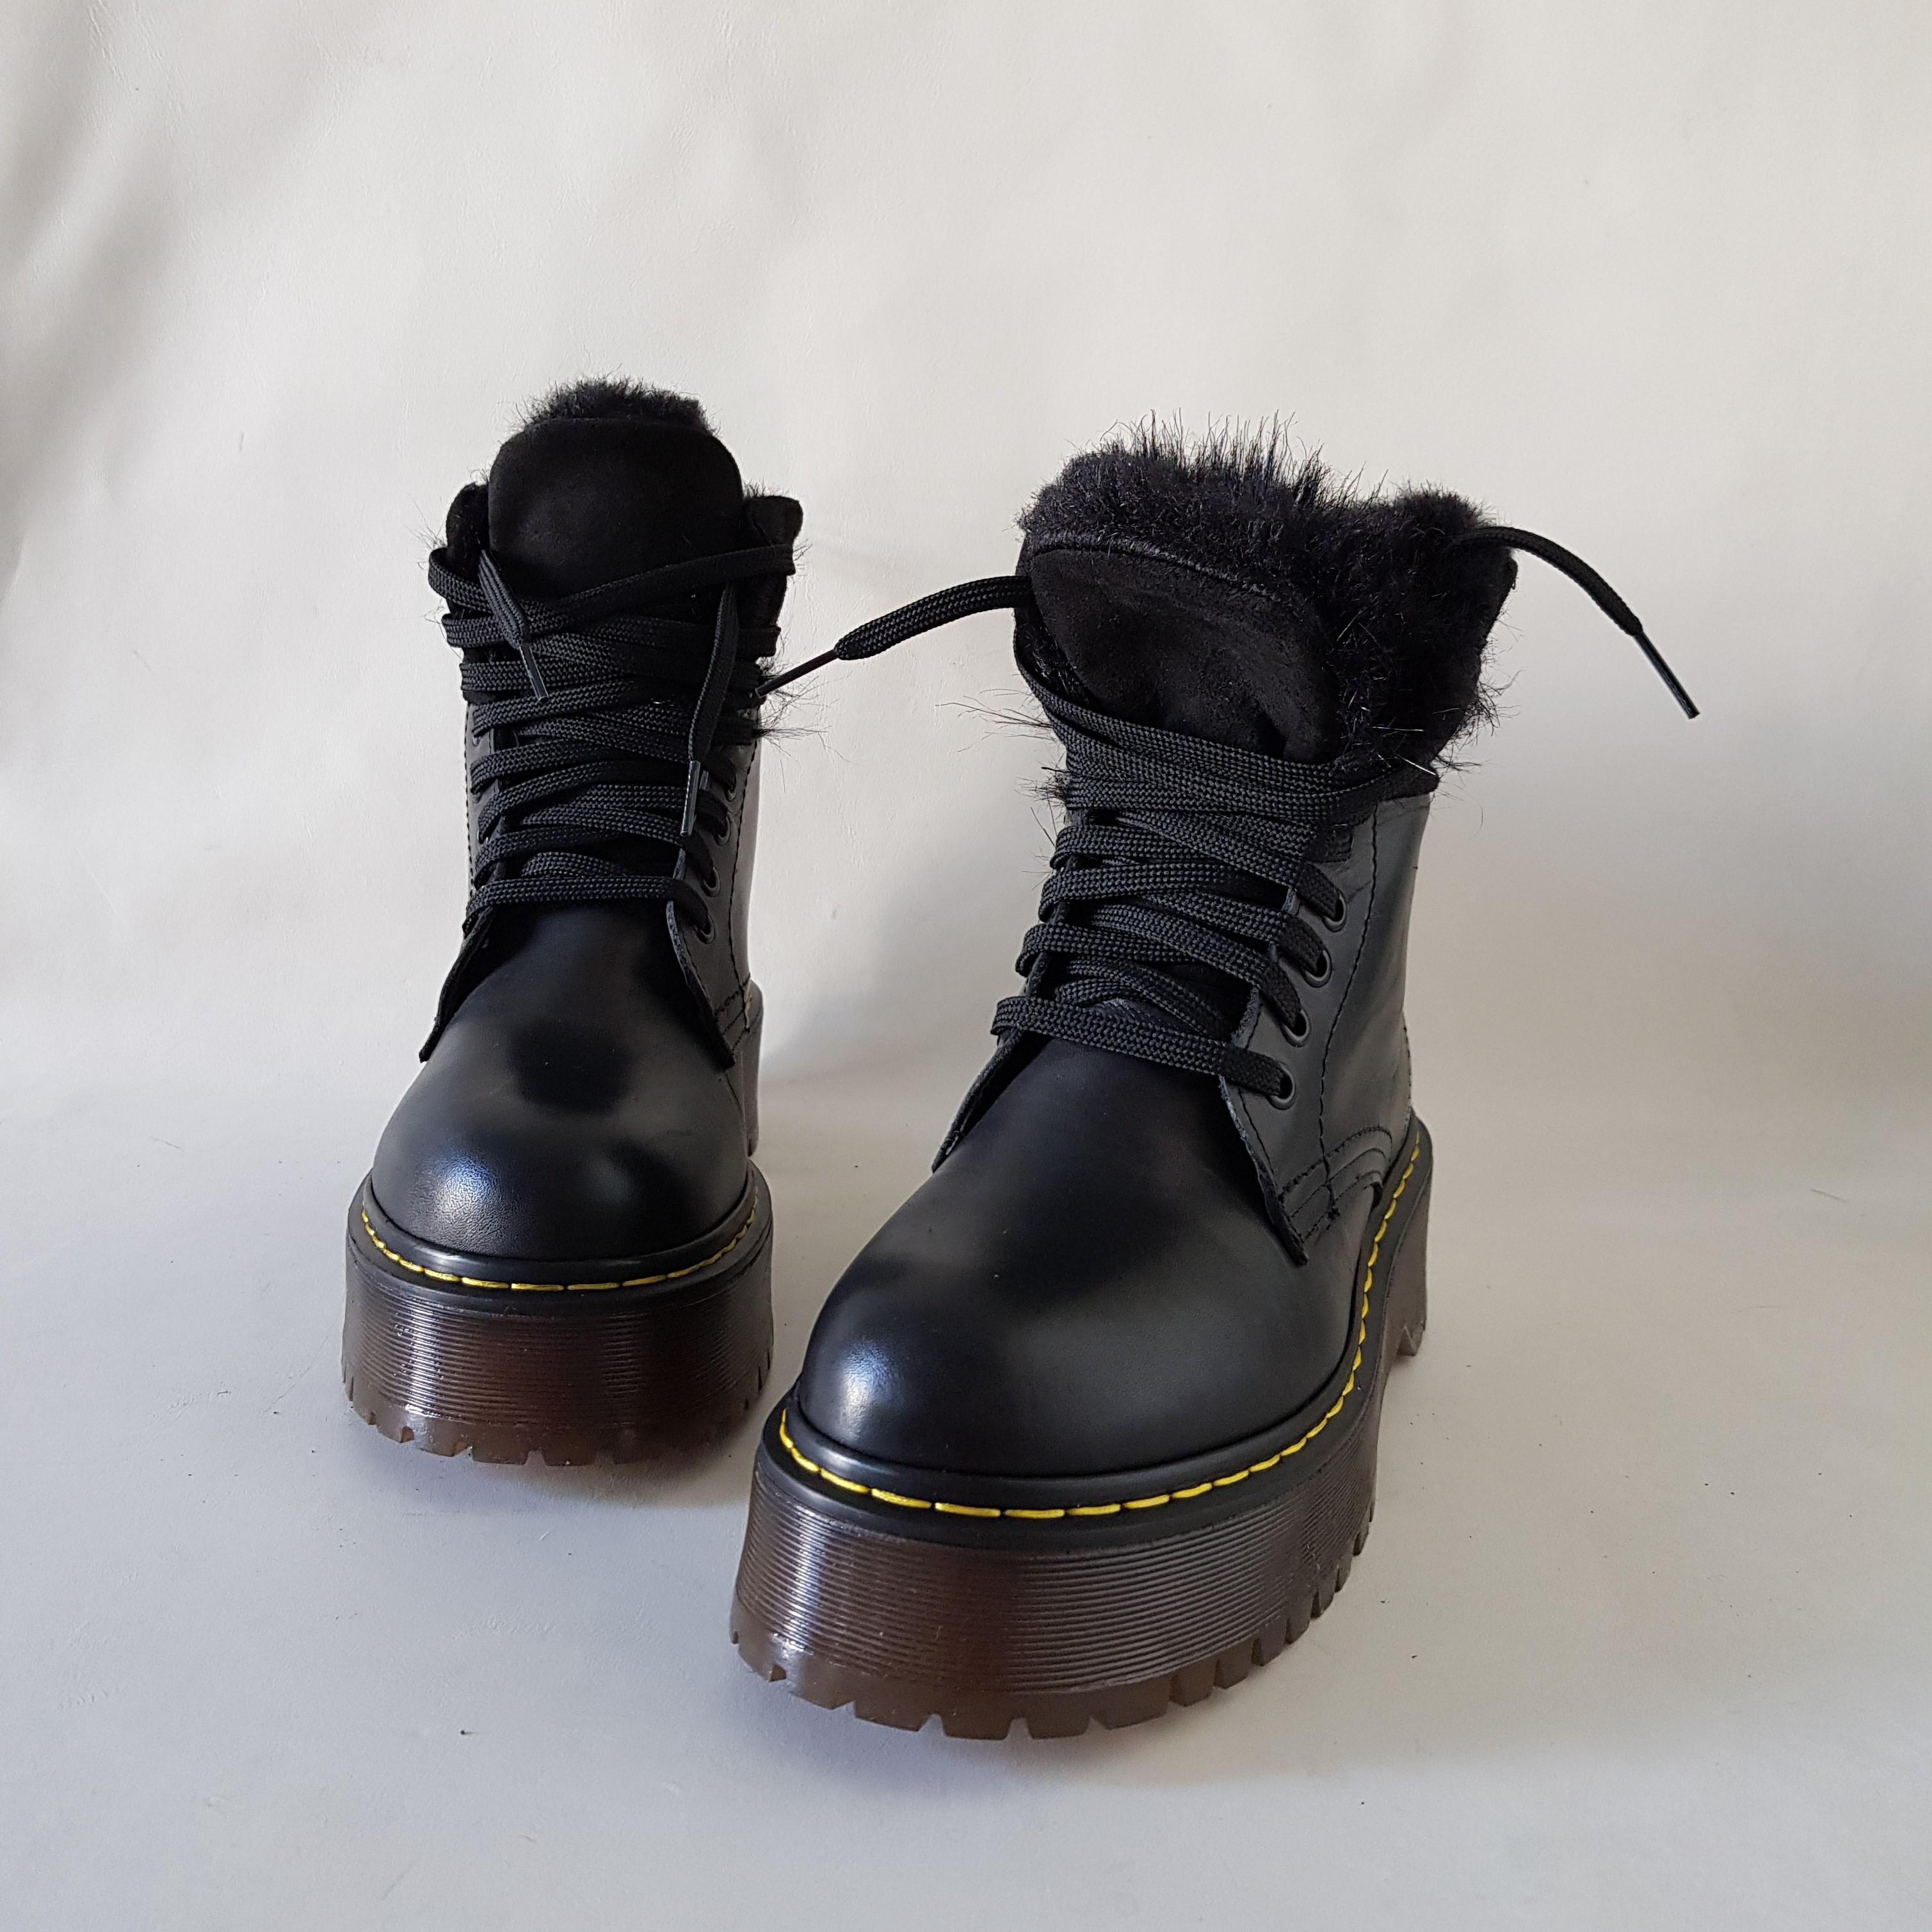 Stivaletti pelle nero e pelo nero oxford 4 - Lia diva scarpe ...